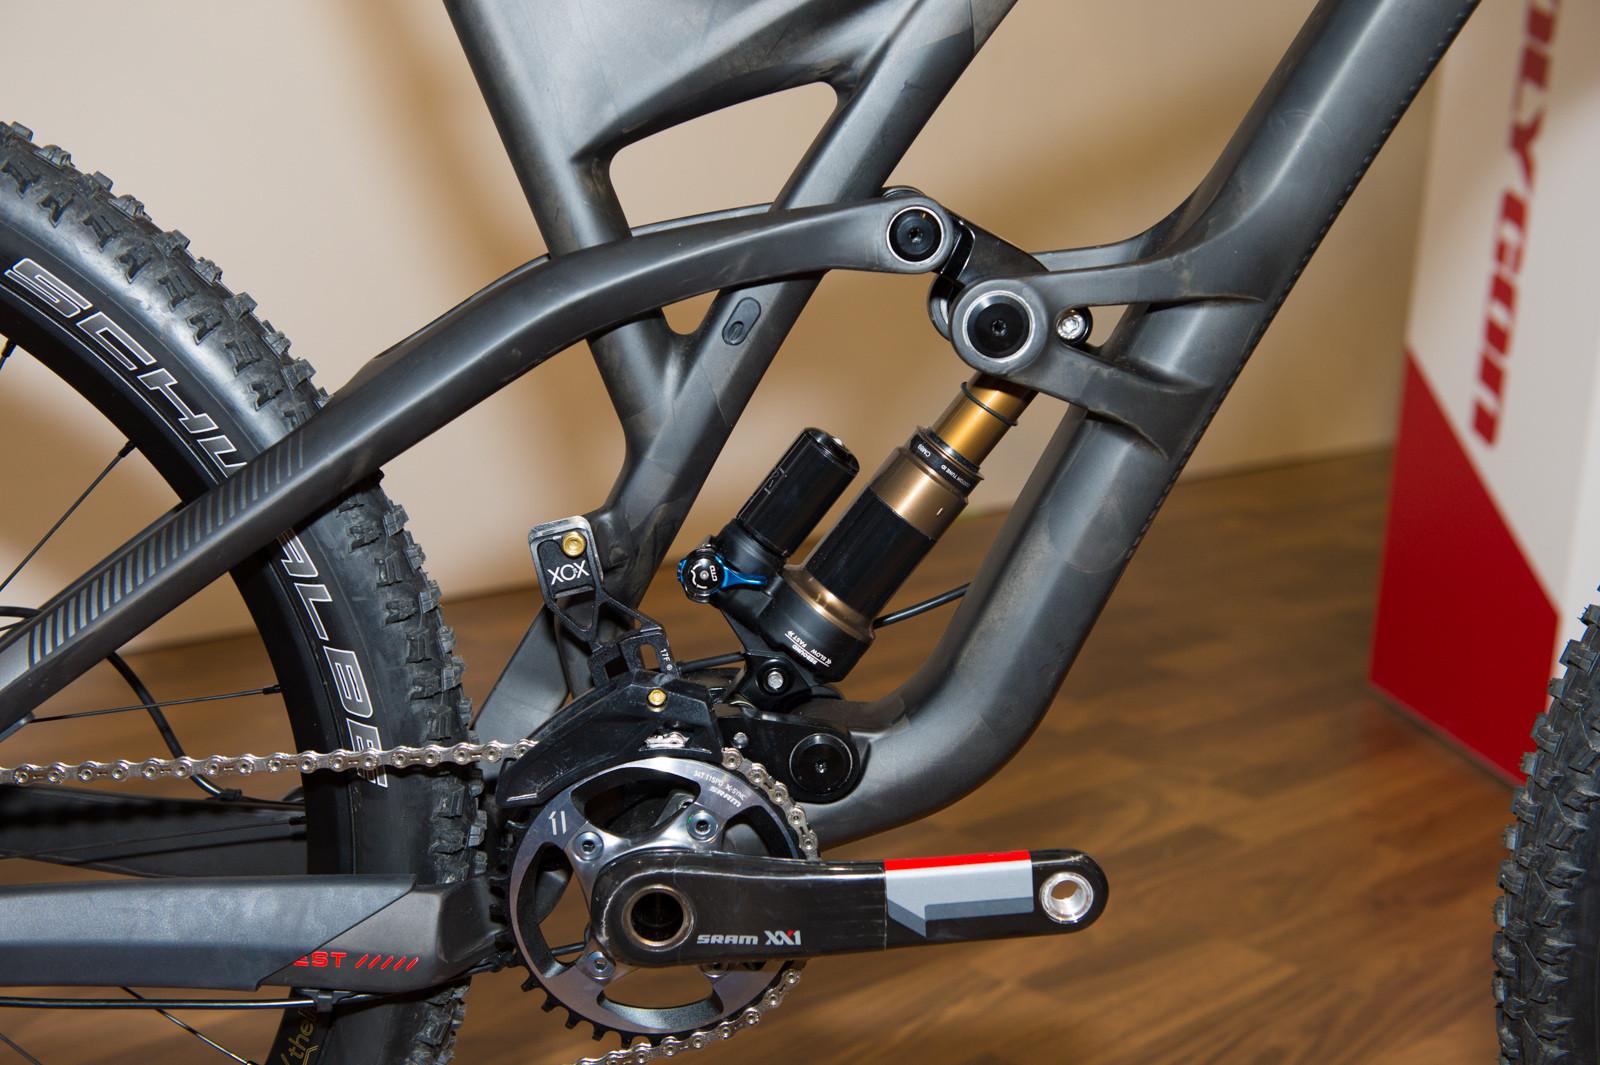 2014 Polygon PLG - 2014 Trail, All-Mountain & Enduro Bikes at Eurobike 2013 - Mountain Biking Pictures - Vital MTB